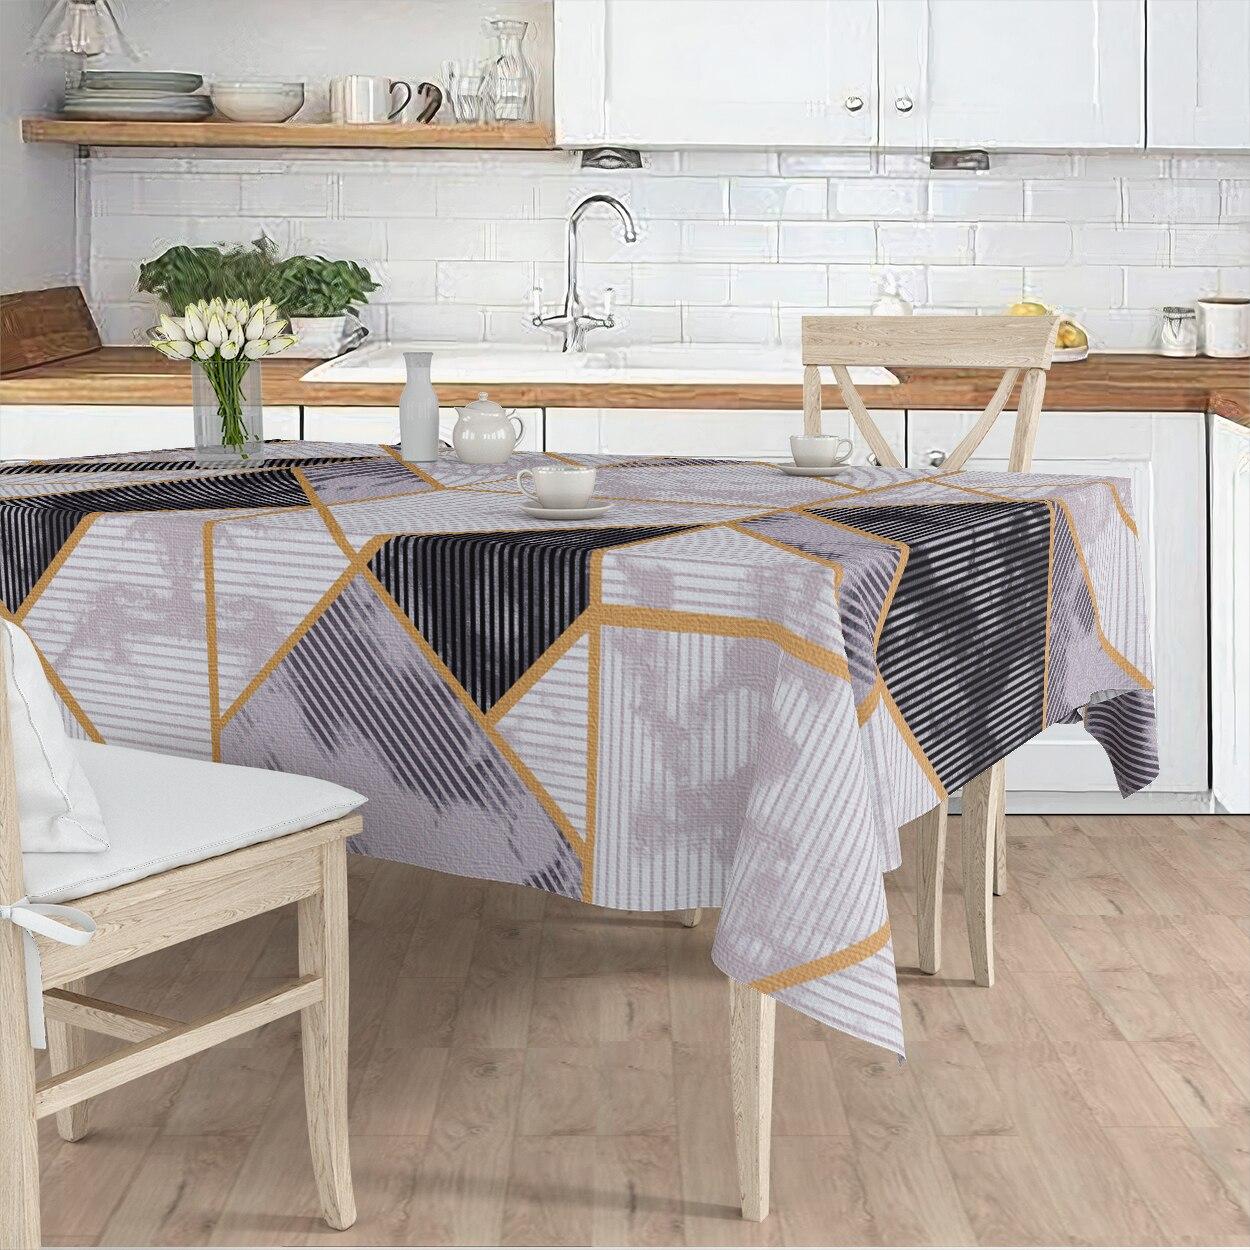 مفرش المائدة غرفة المعيشة المطبخ رمادي هندسي الرخام منقوشة مايكرو غطاء من القماش عداء نمط شحن مجاني